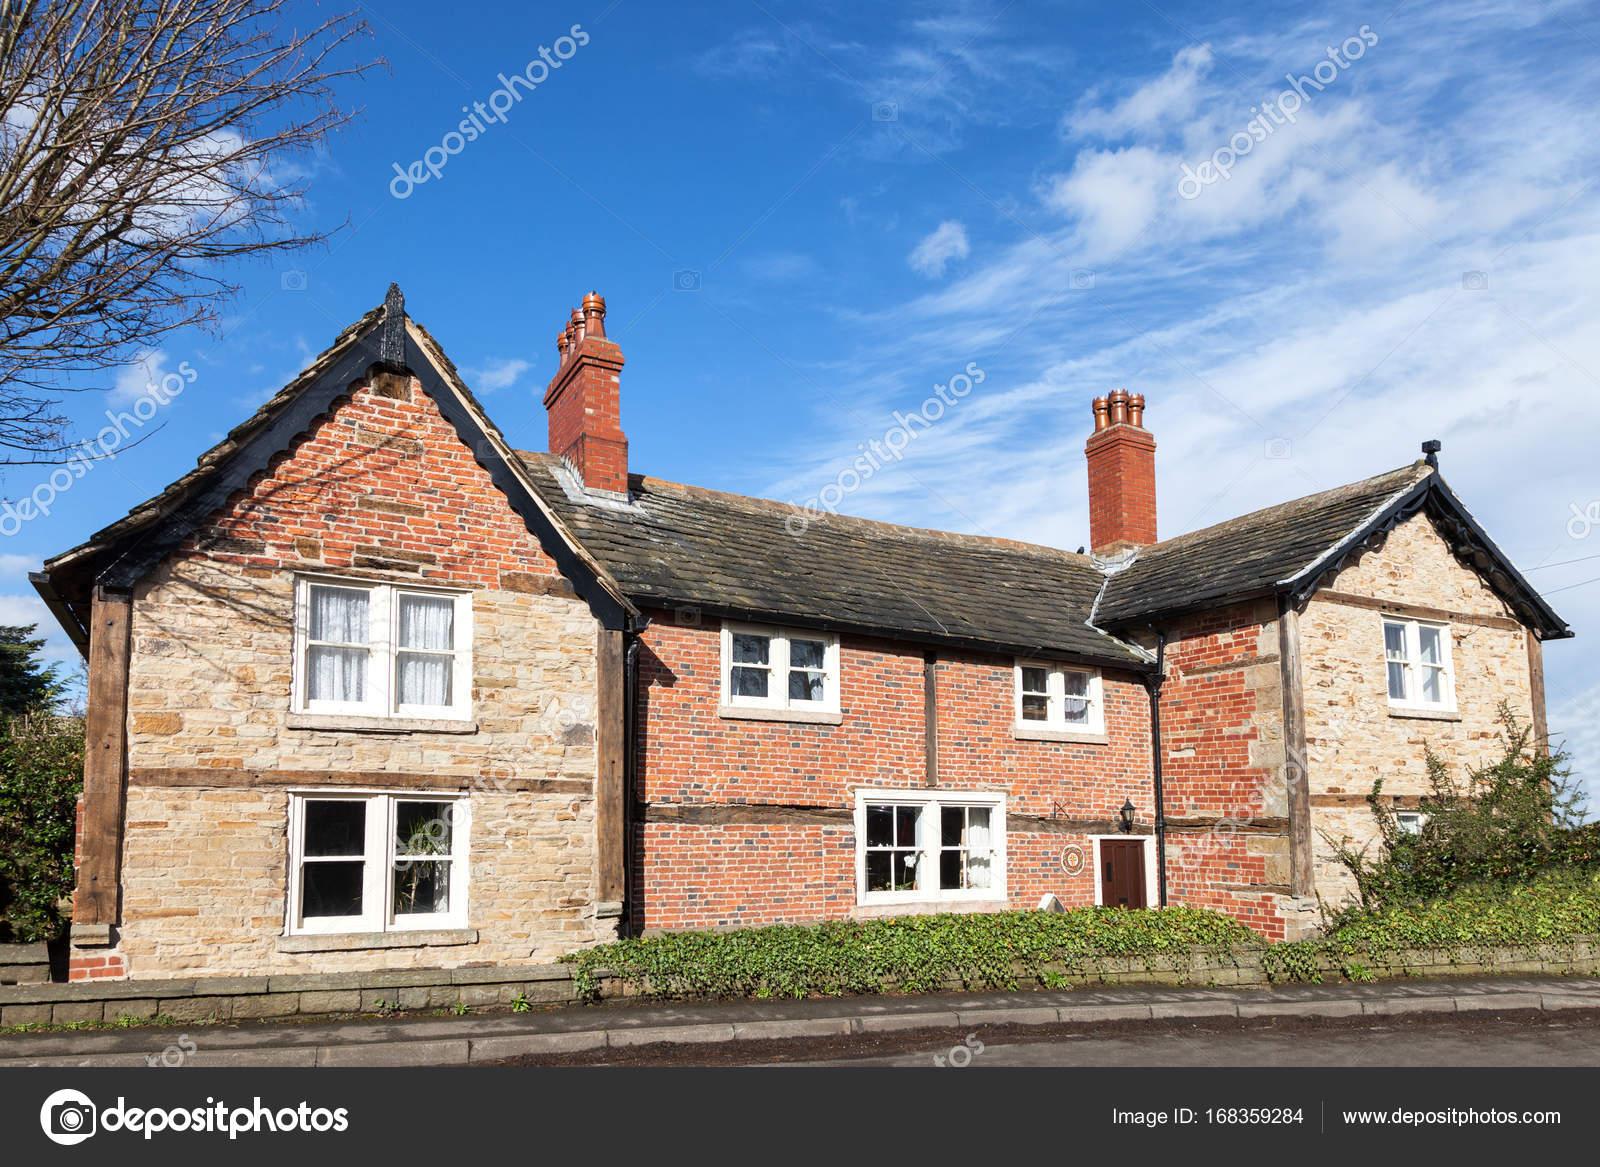 maison en brique rouge maison brique ou parpaing avie home brique ou parpaing with maison en. Black Bedroom Furniture Sets. Home Design Ideas